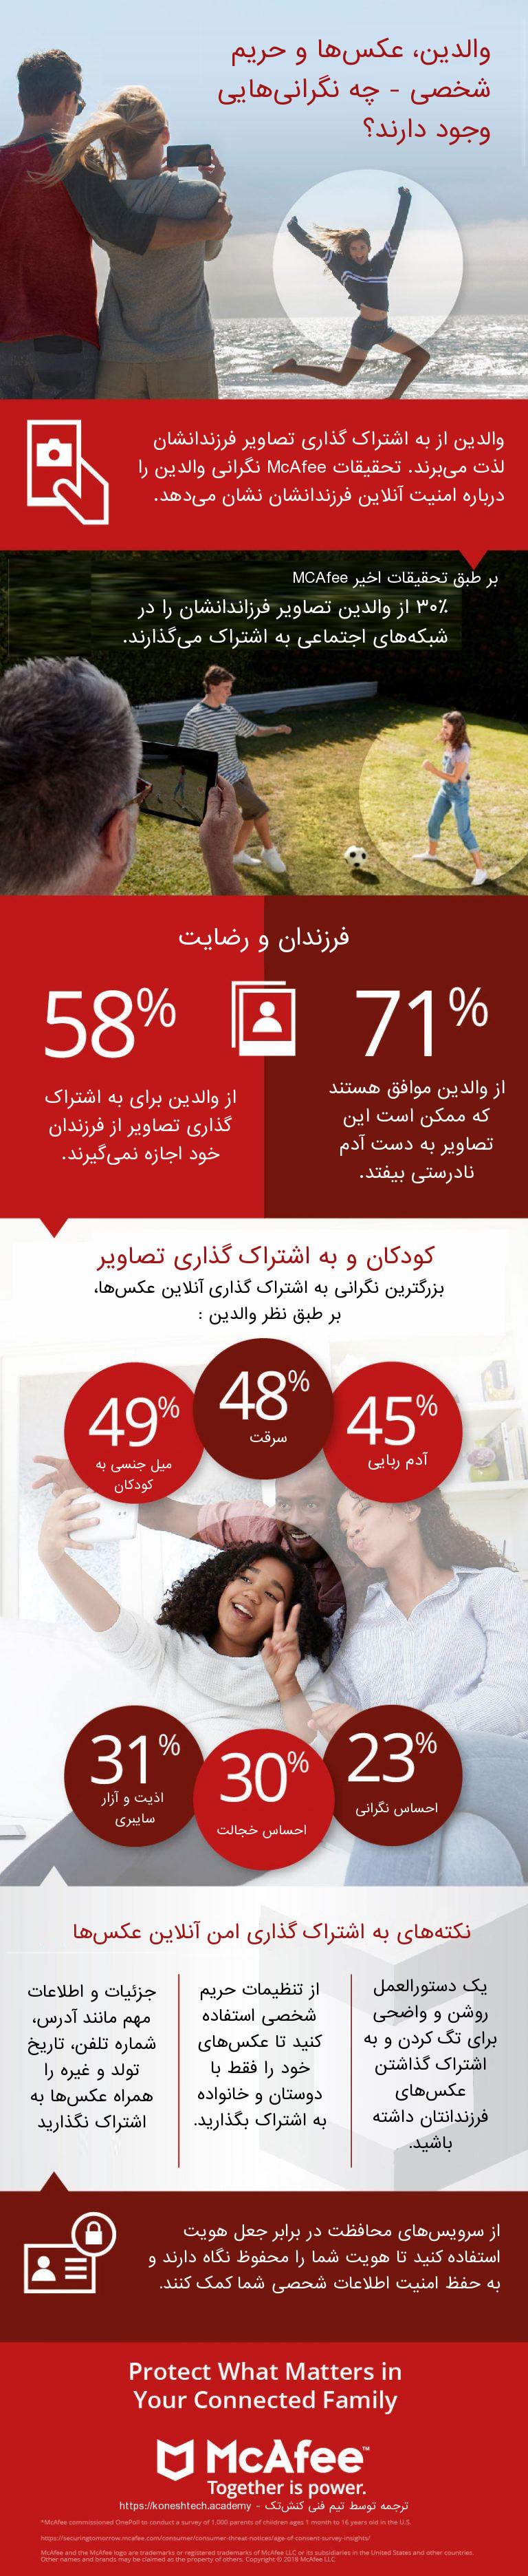 آیا عکسهایی که آنلاین منتشر میکنید ممکن است امنیت فرزندانتان را به خطر بیاندازد؟